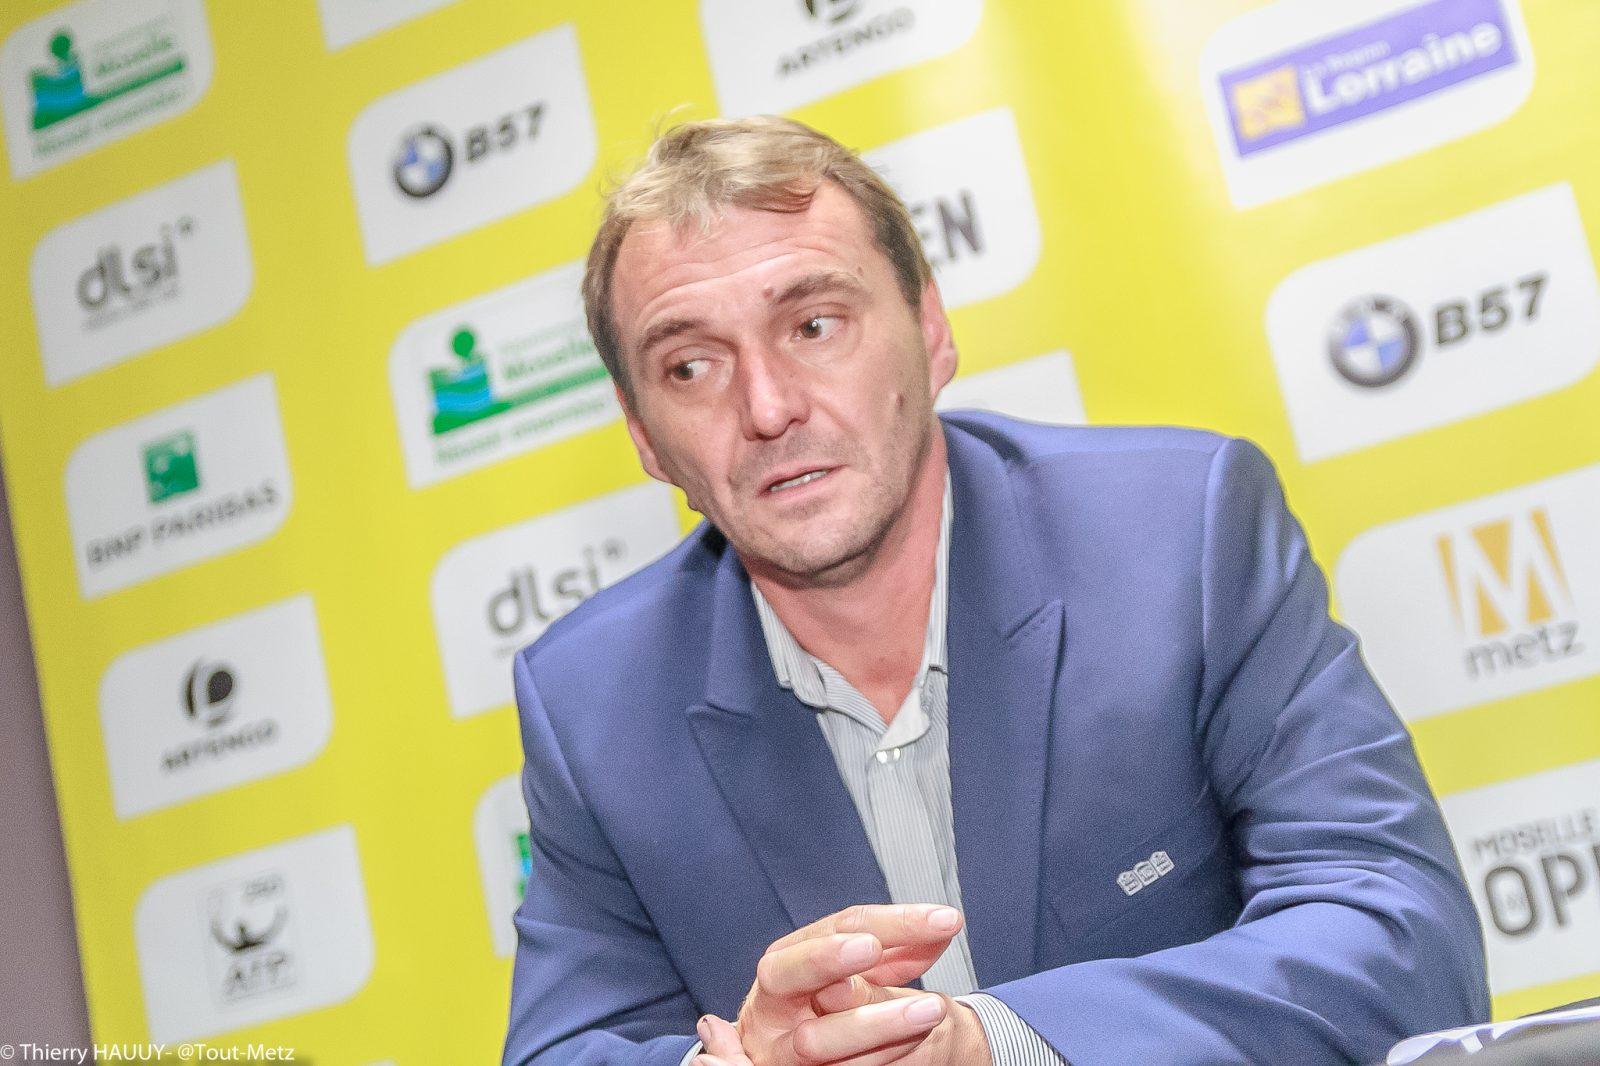 Bilan du Moselle Open 2014 aux Arènes : le Directeur et les exposants font le point